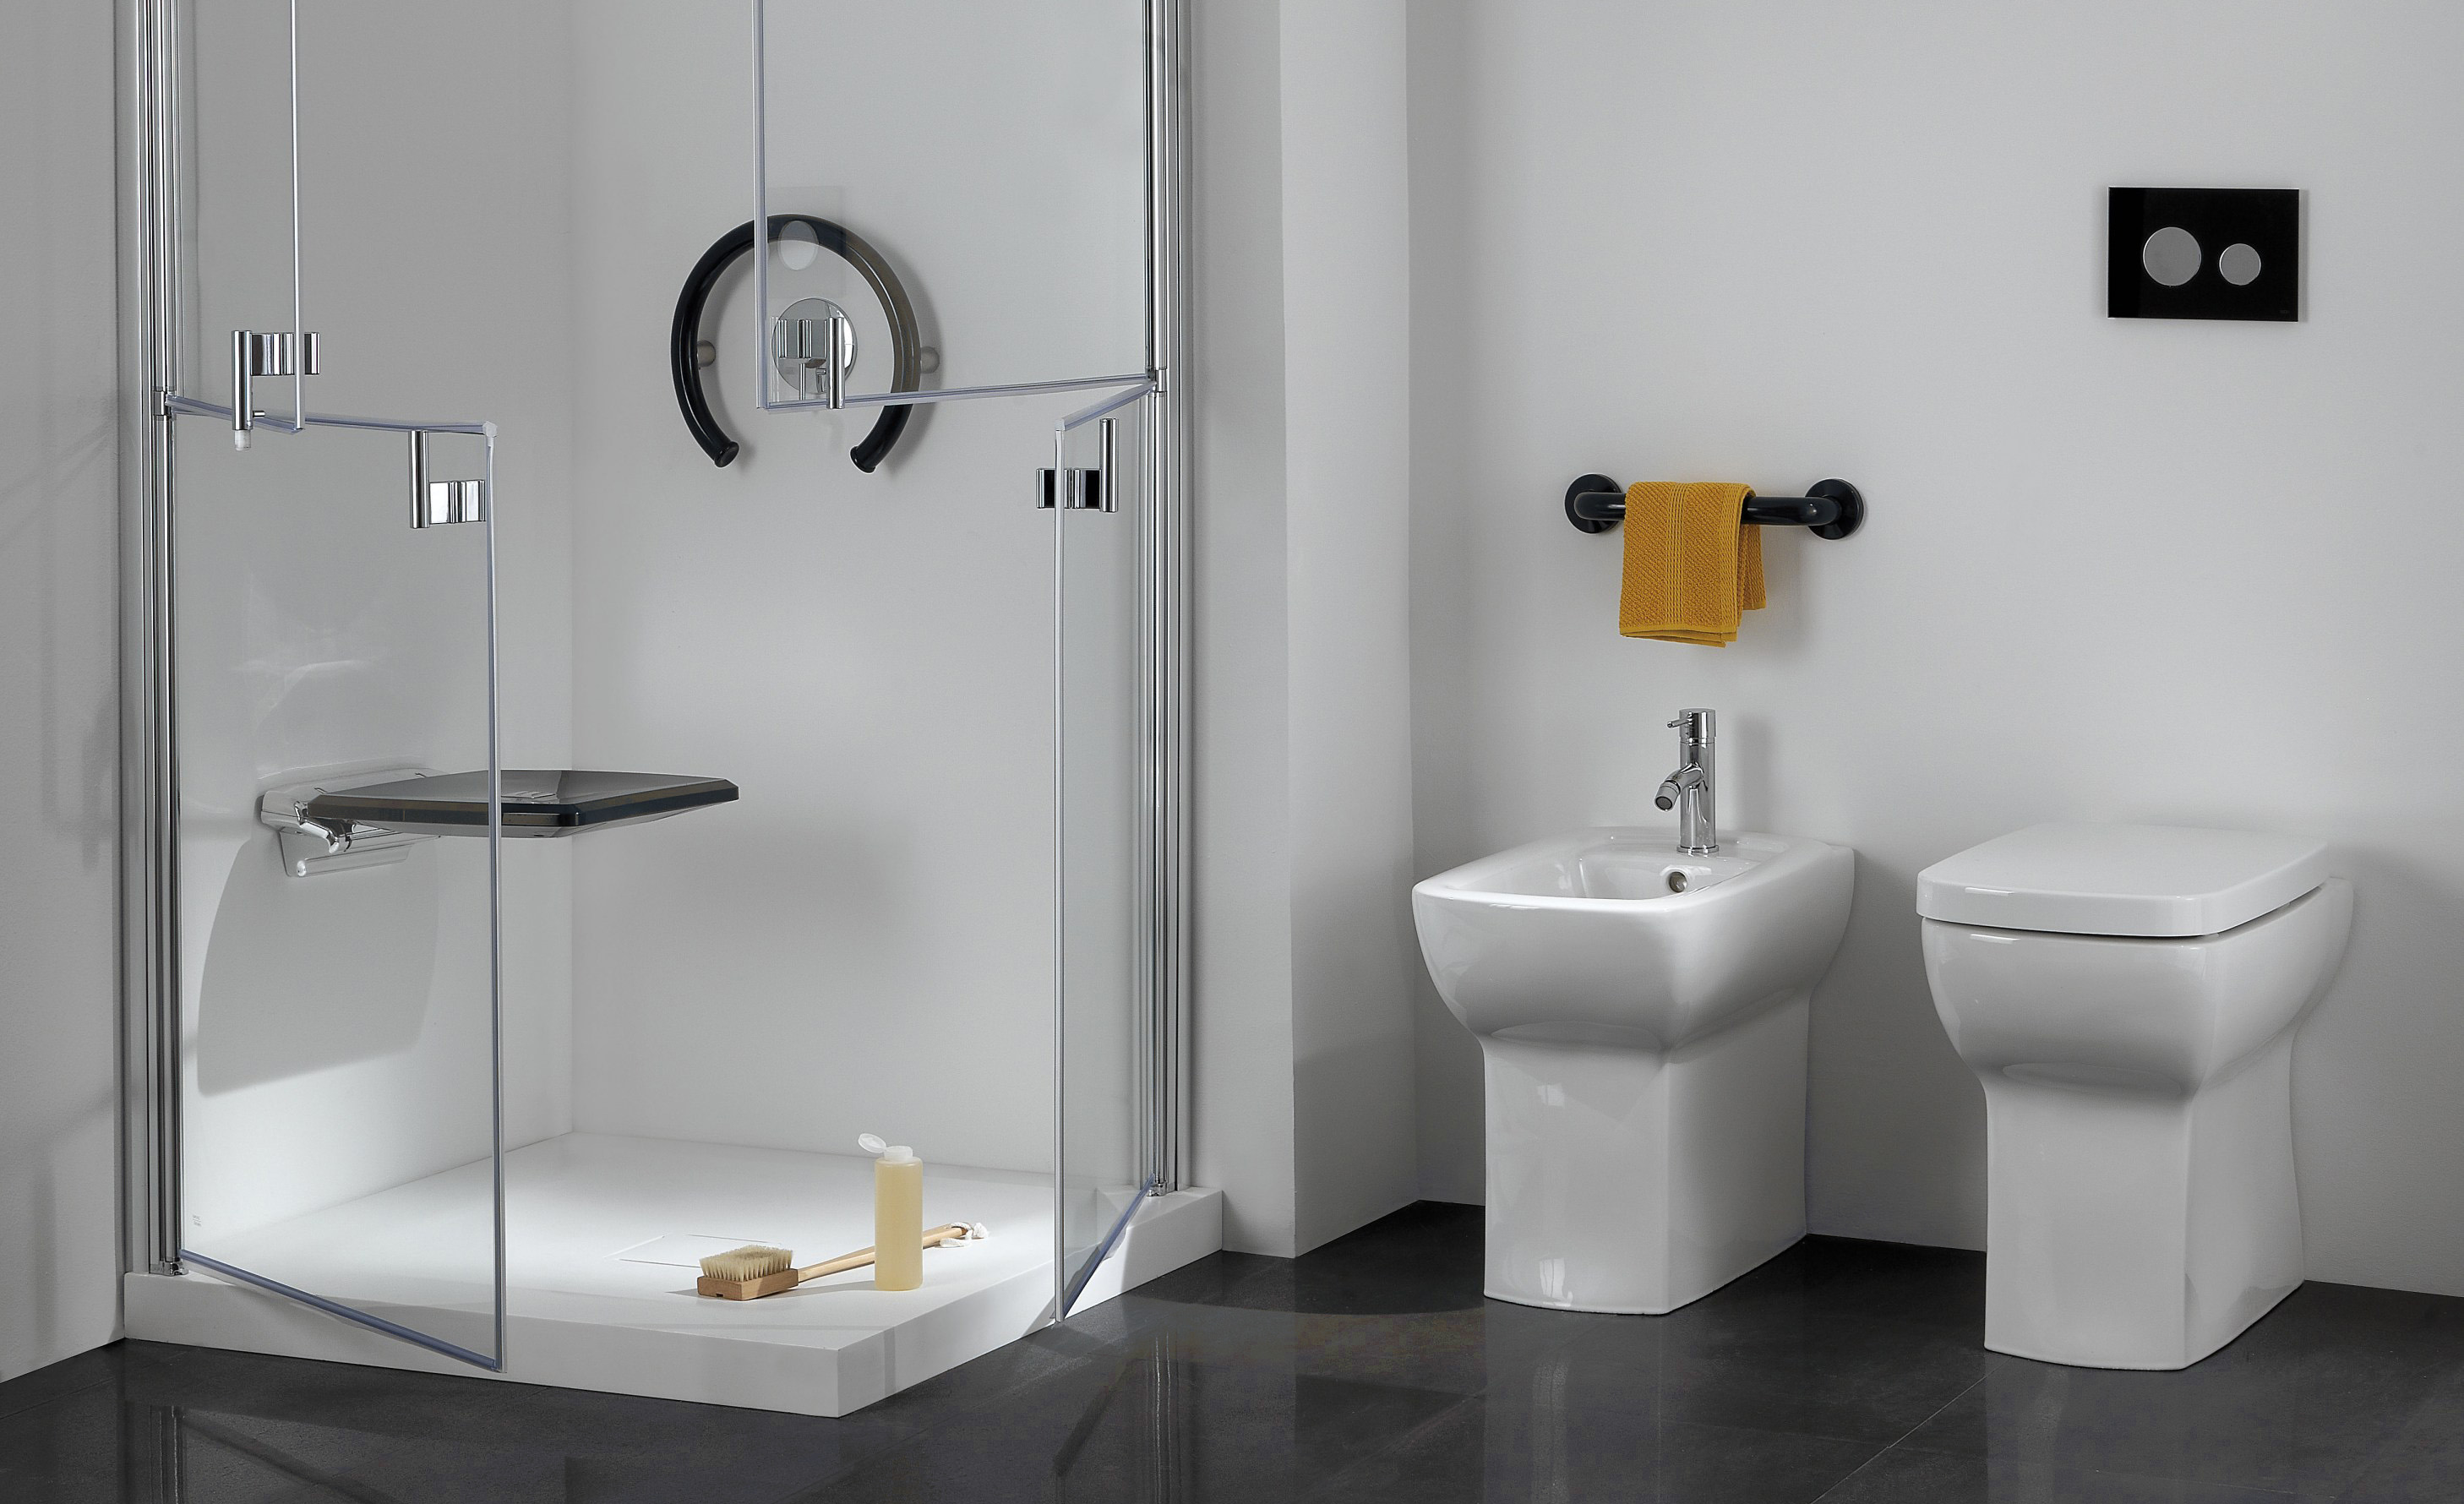 Sanitari ponte giulio per costruire il tuo bagno design - Progettare il bagno ...